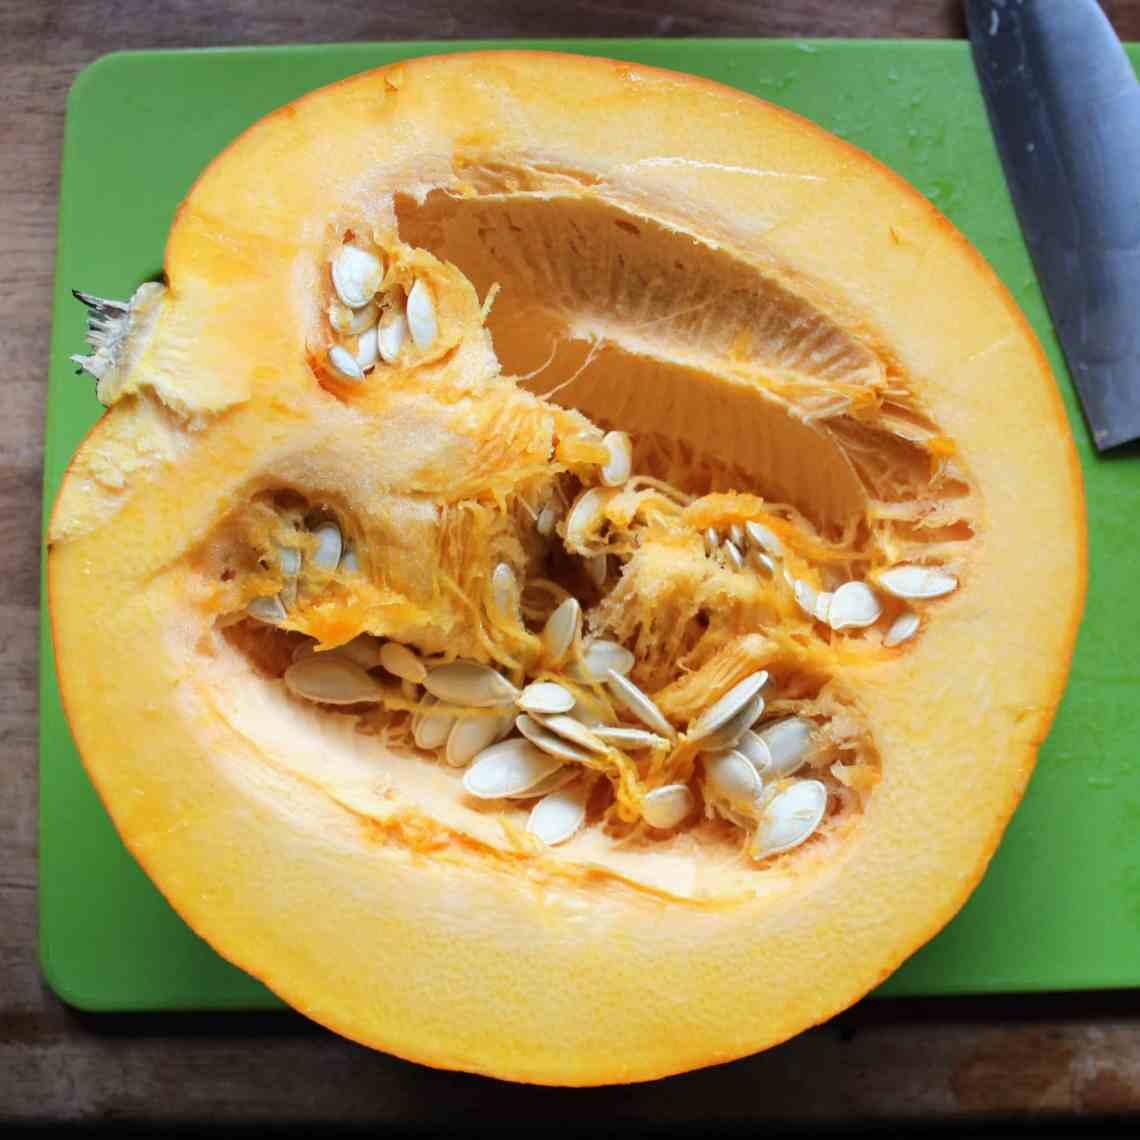 Lav din egen græskarpuré til supper og kager. Find opskrifterne på hjemmelavet græskarpuré og sprøde græskarkerner på danishthings.com